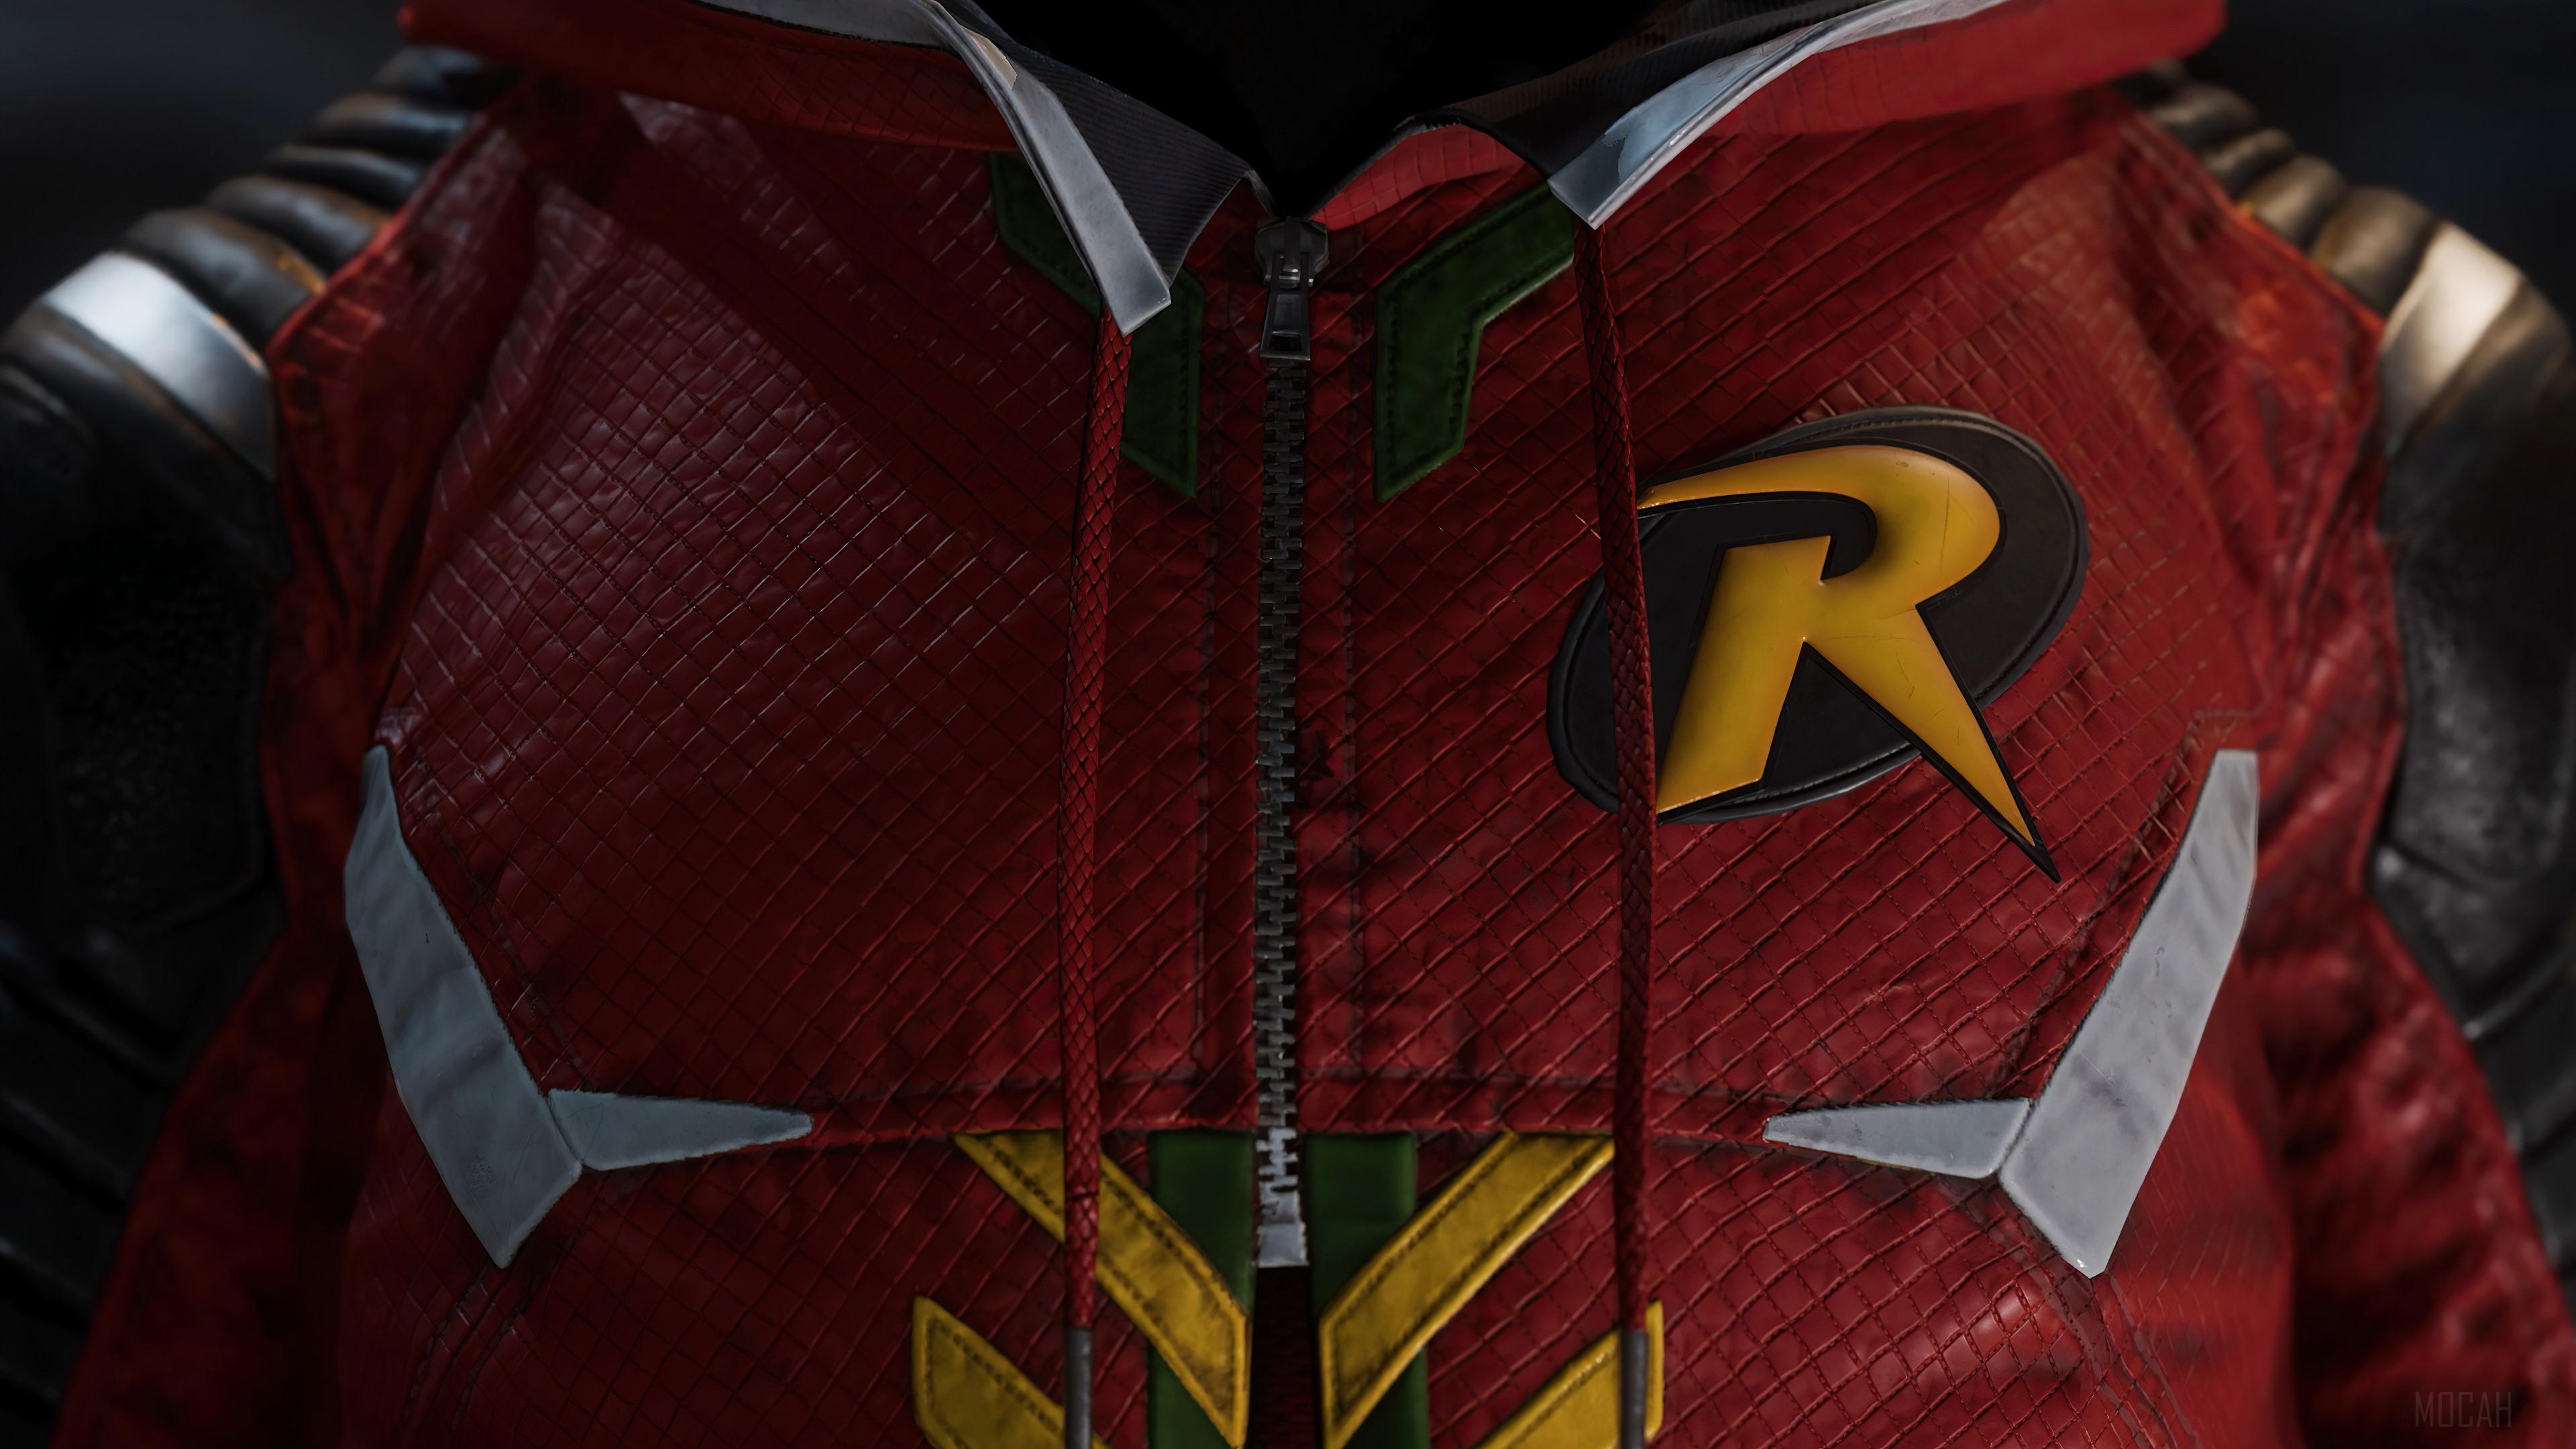 gotham knights robin hd wallpaper 73235